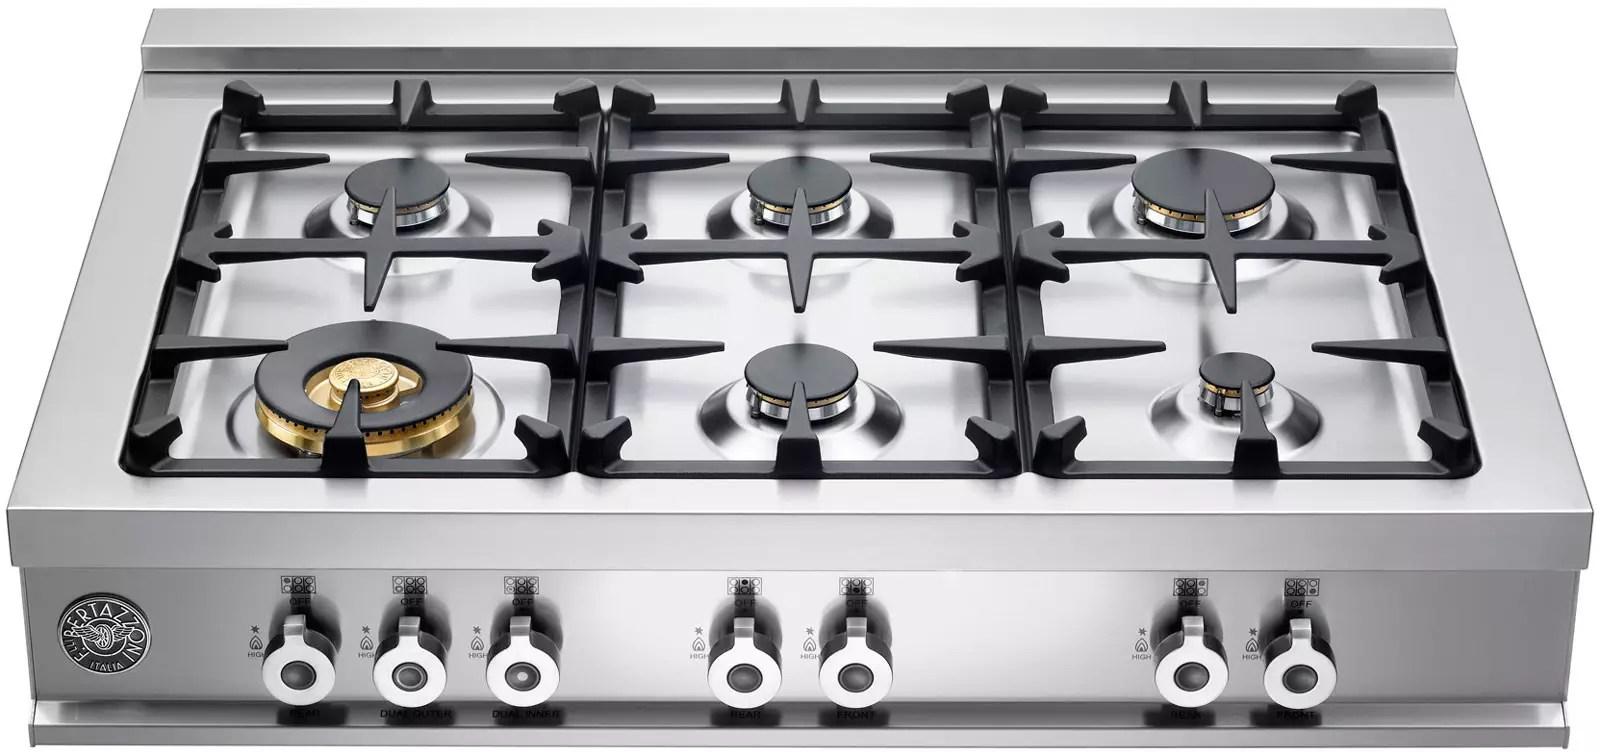 Best 36 Kitchen Range